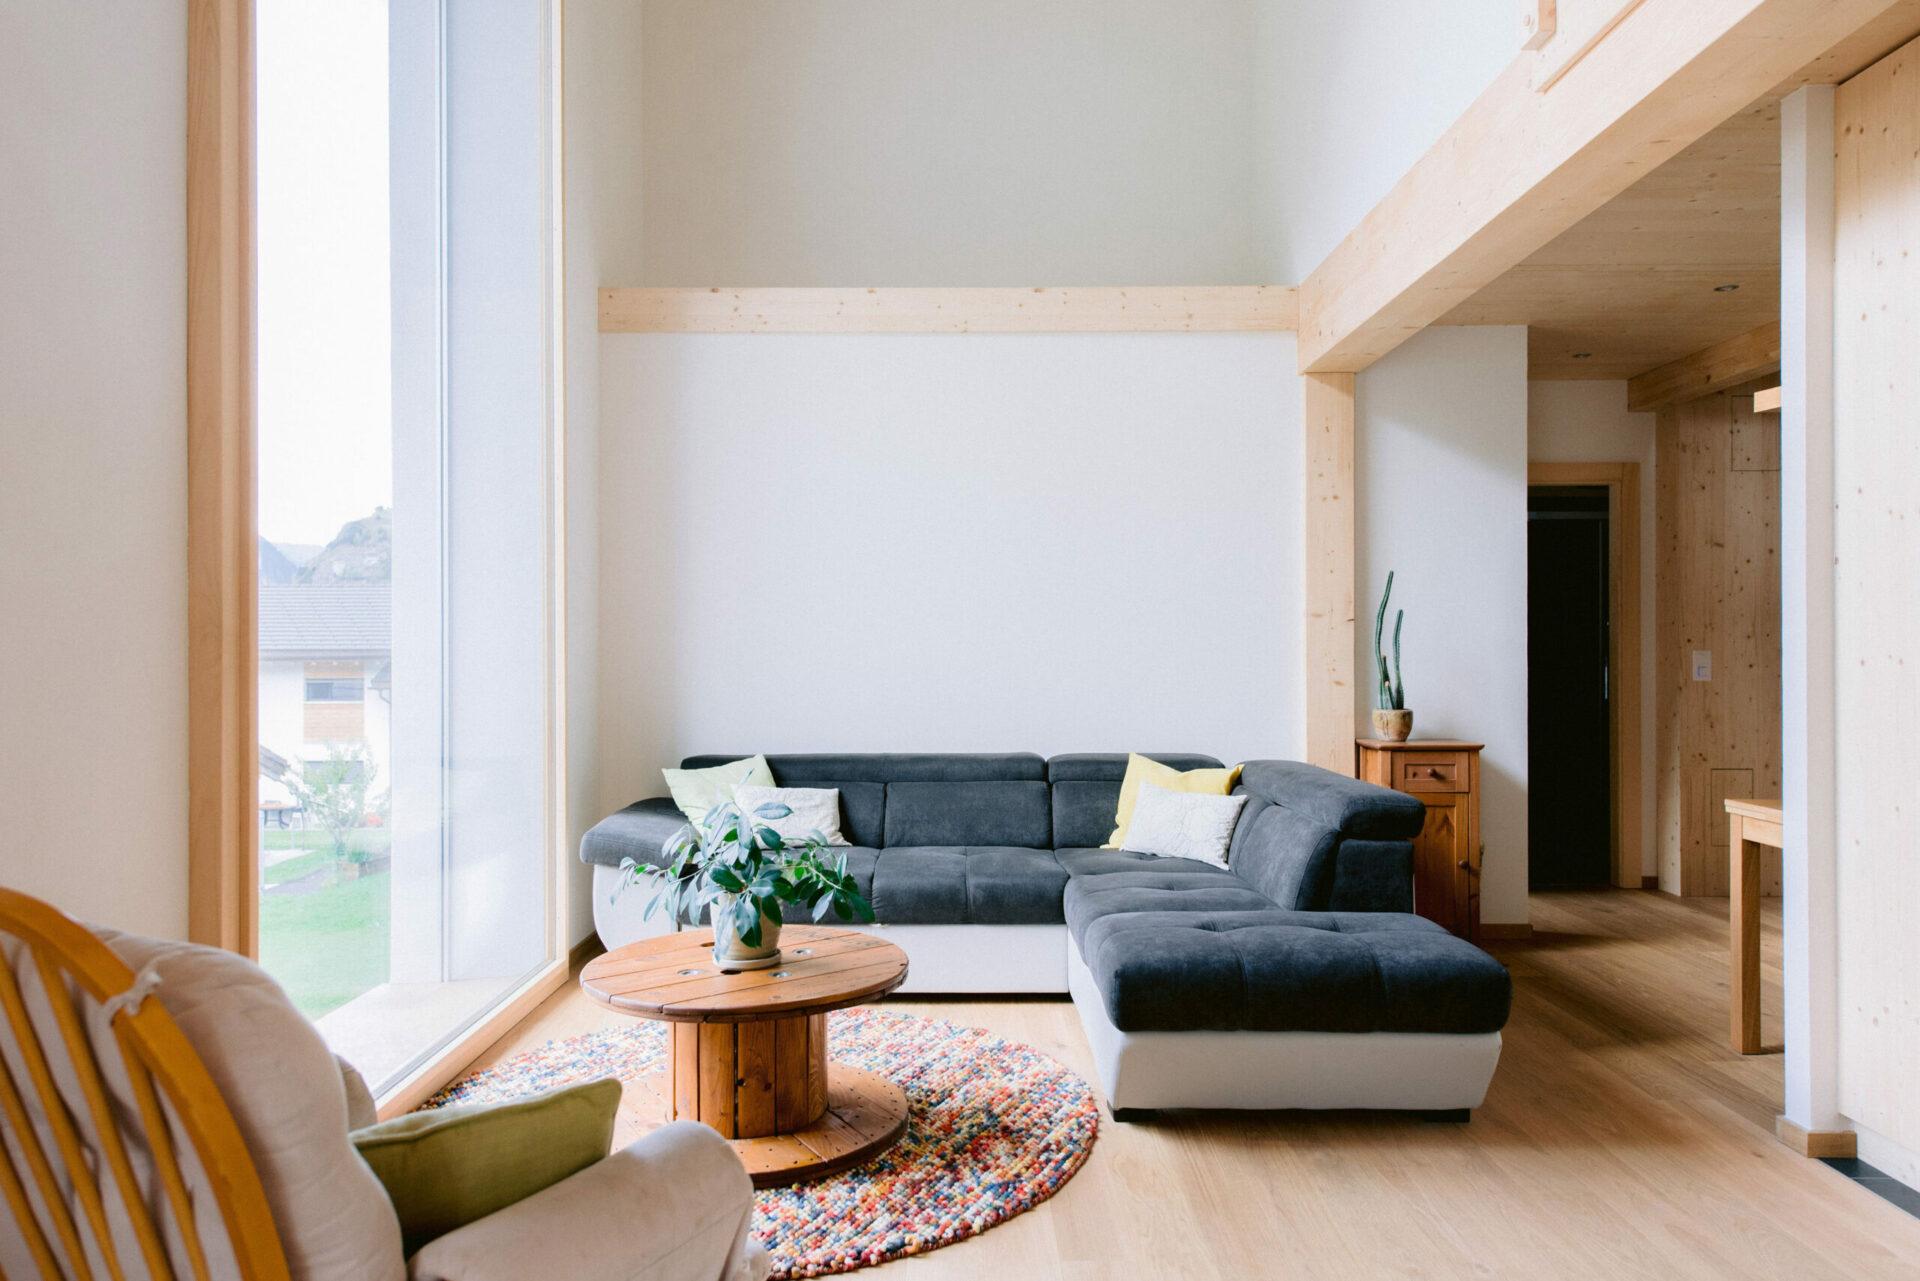 Vollèges EcoCocon salon double hauteur